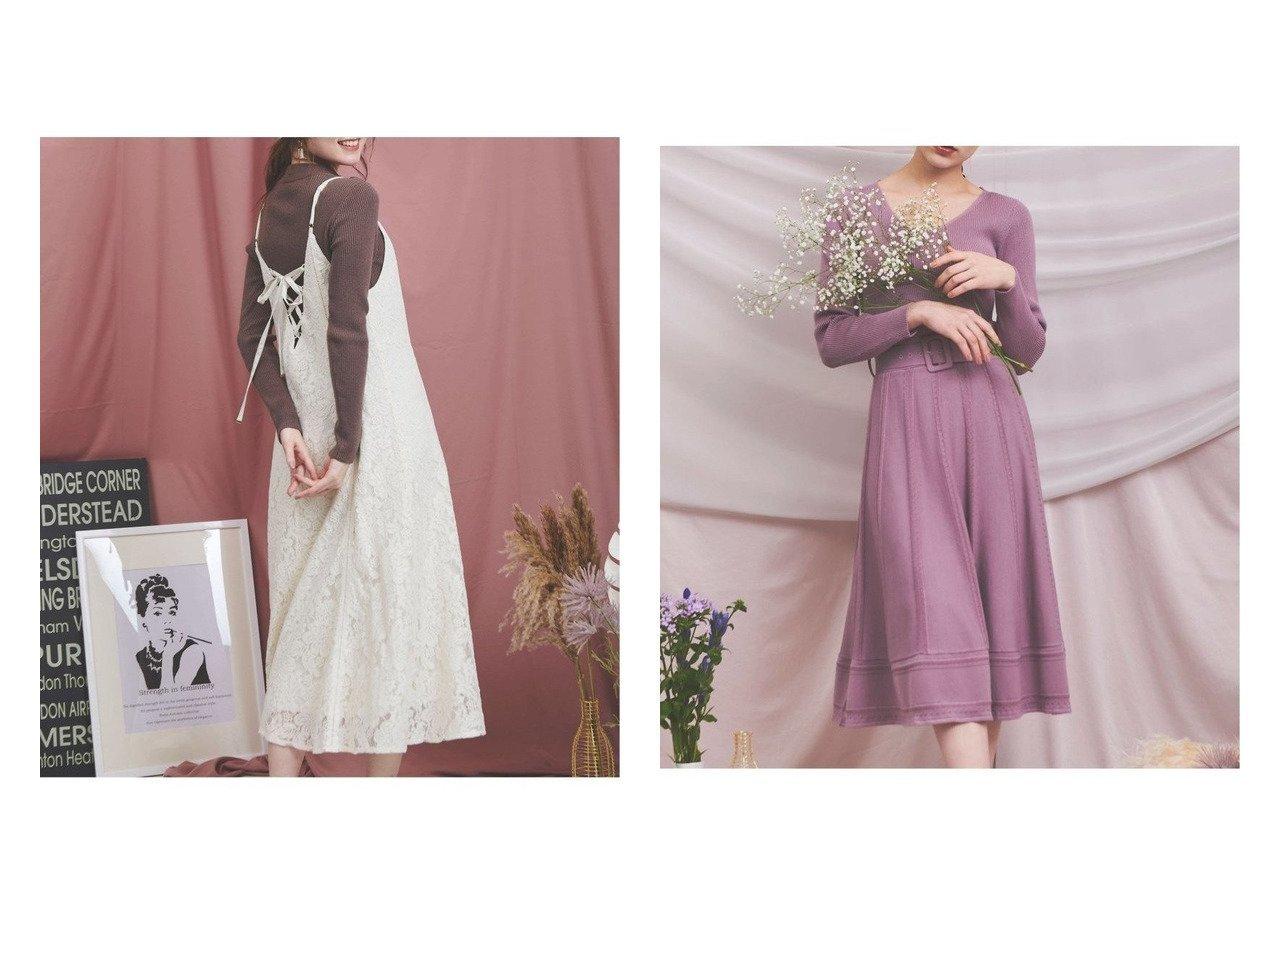 【Noela/ノエラ】のリブフレアニットワンピース&リブニット×キャミワンピースセット ワンピース・ドレスのおすすめ!人気、レディースファッションの通販  おすすめで人気のファッション通販商品 インテリア・家具・キッズファッション・メンズファッション・レディースファッション・服の通販 founy(ファニー) https://founy.com/ ファッション Fashion レディース WOMEN ワンピース Dress キャミワンピース No Sleeve Dresses ニットワンピース Knit Dresses キャミワンピース フィット ラップ リブニット レース ストライプ フレア |ID:crp329100000004316